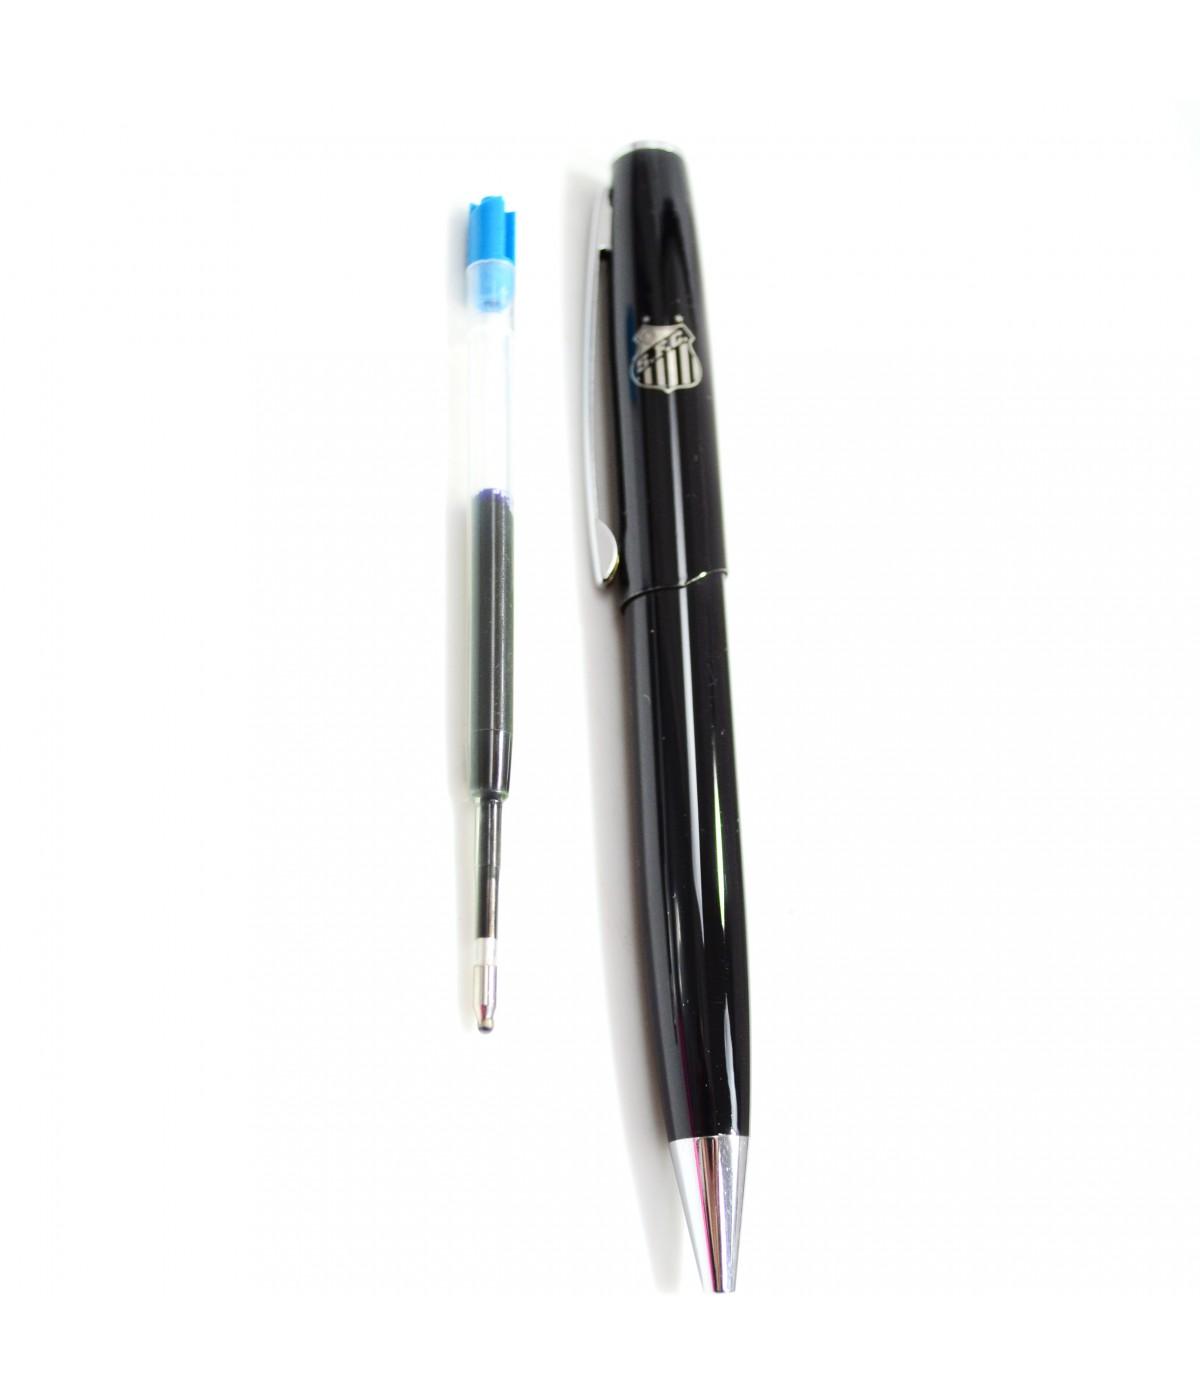 e71b44efeb Caneta Roller Pen Metal Touch Screen Carga Extra - Santos ...